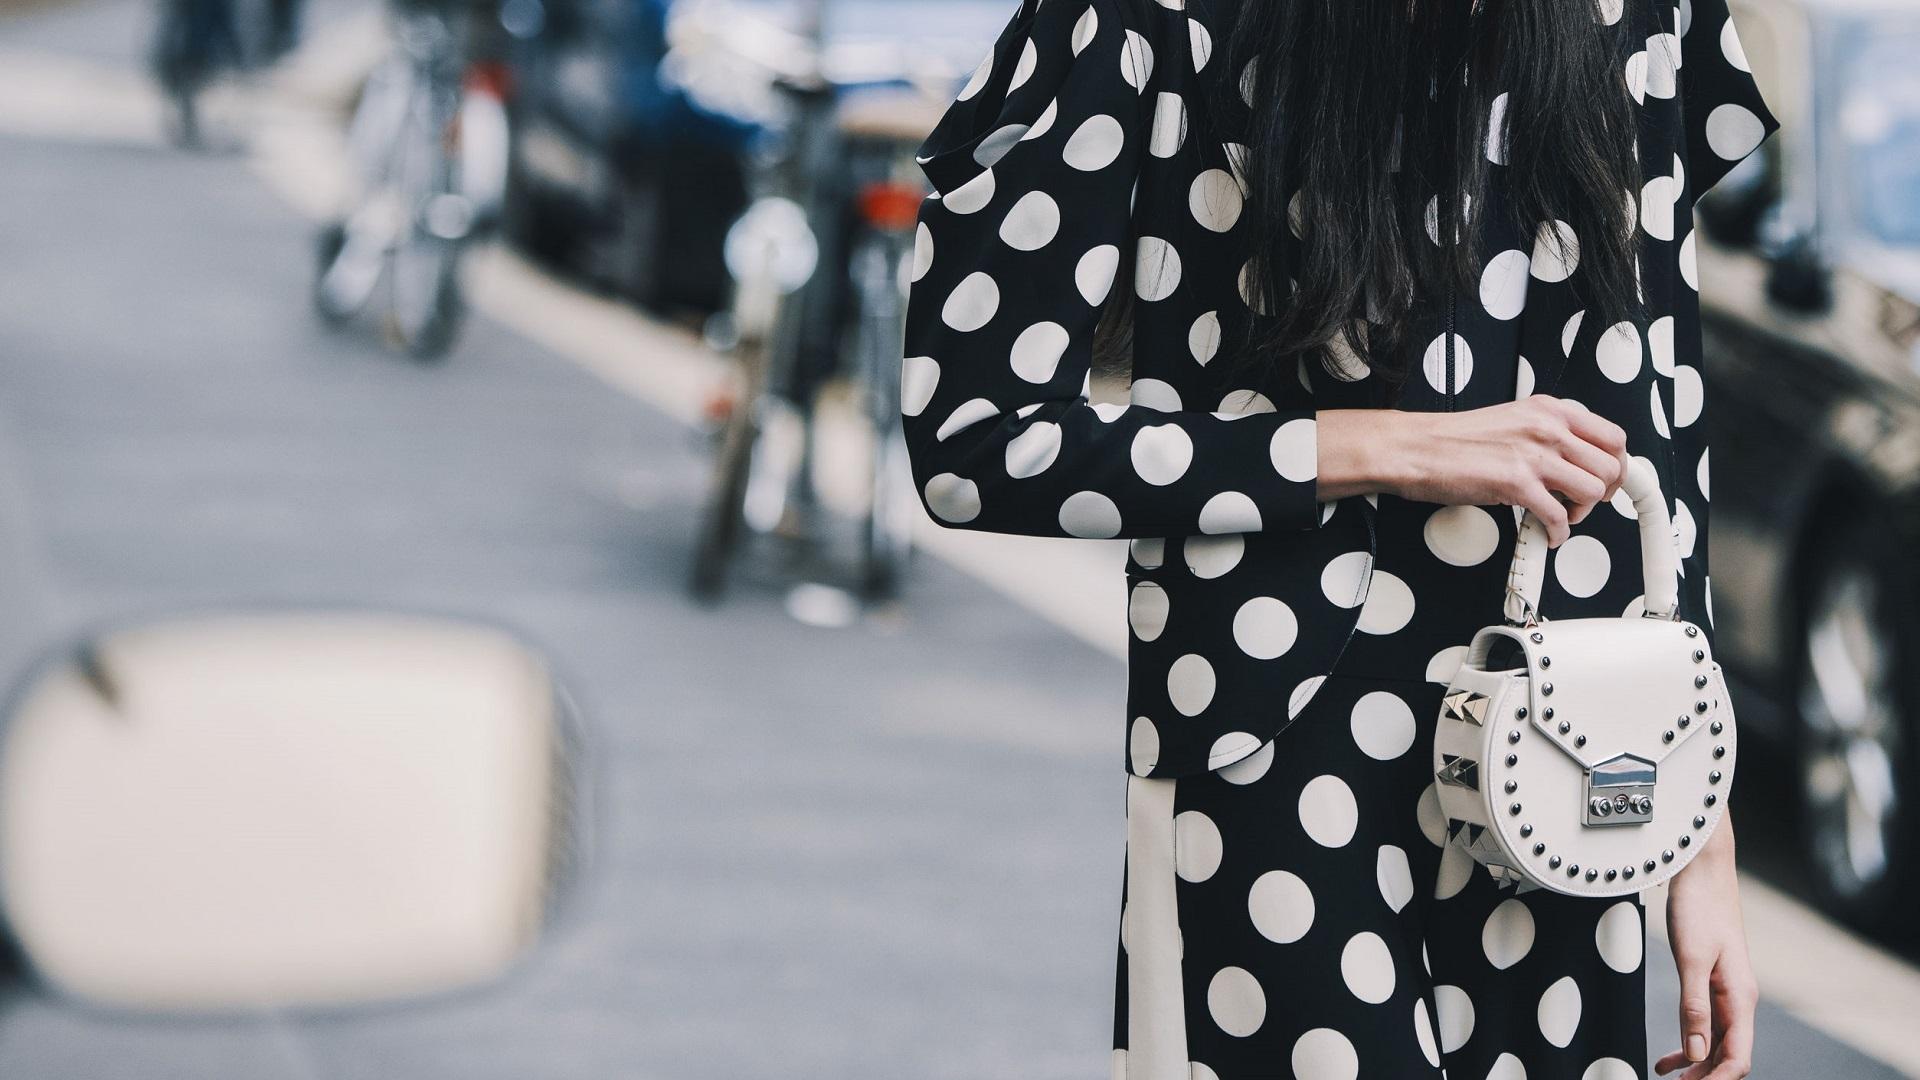 Tendencias de moda para este verano 2020: prendas y accesorios must have